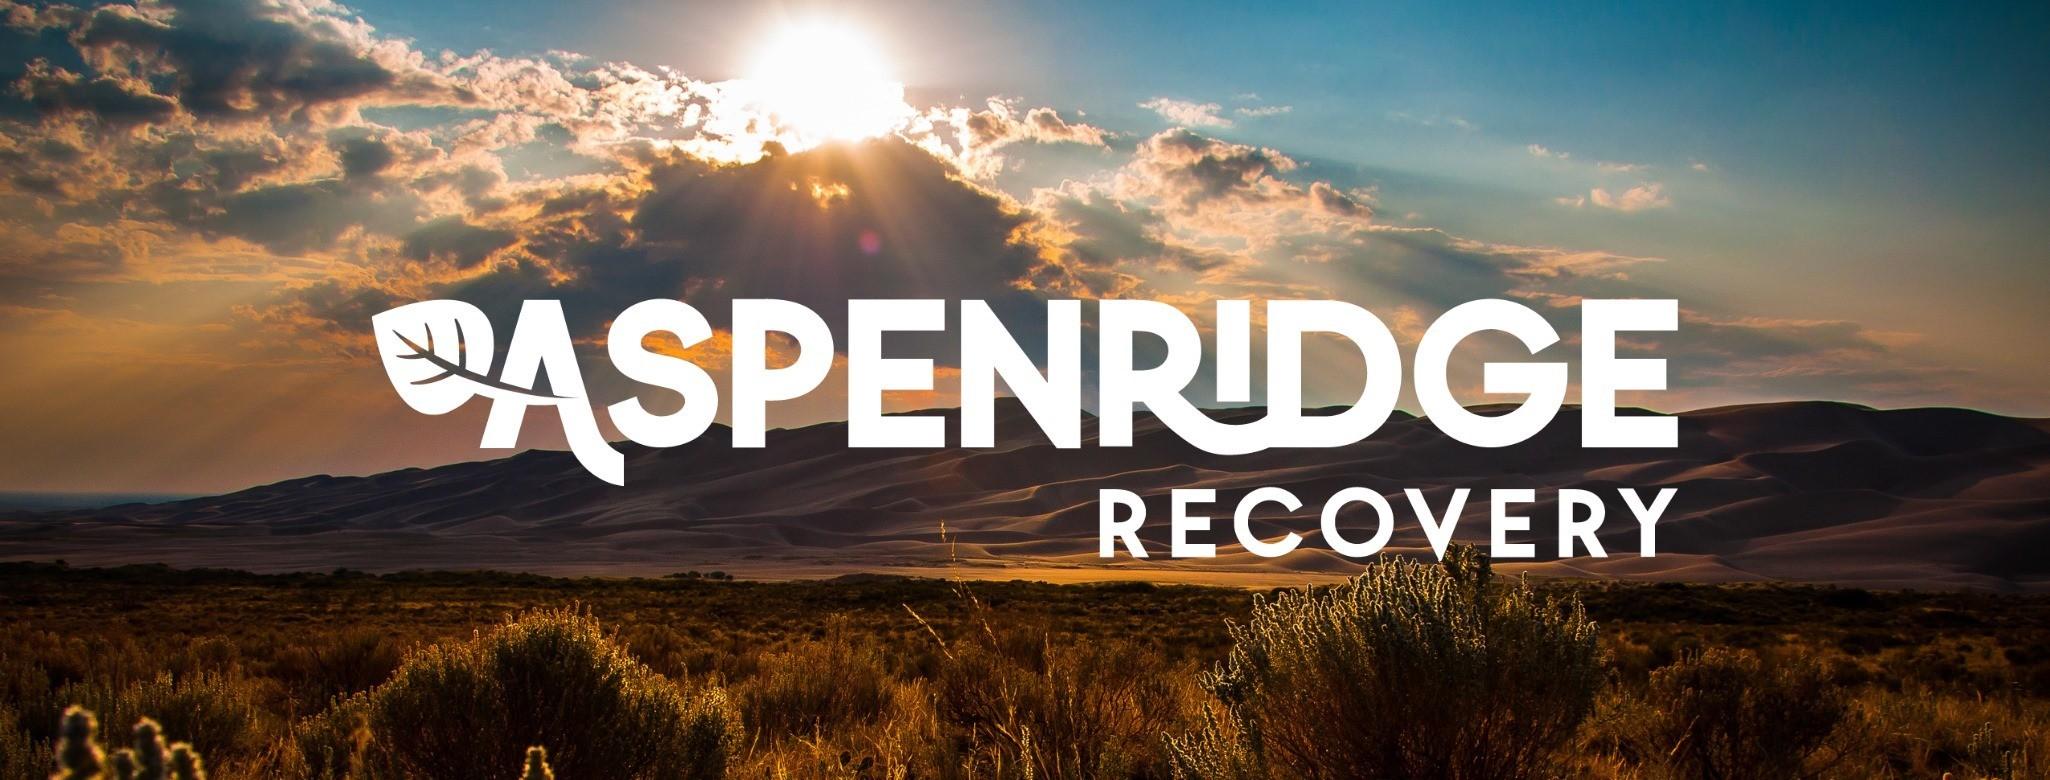 AspenRidge Recovery - Colorado Springs